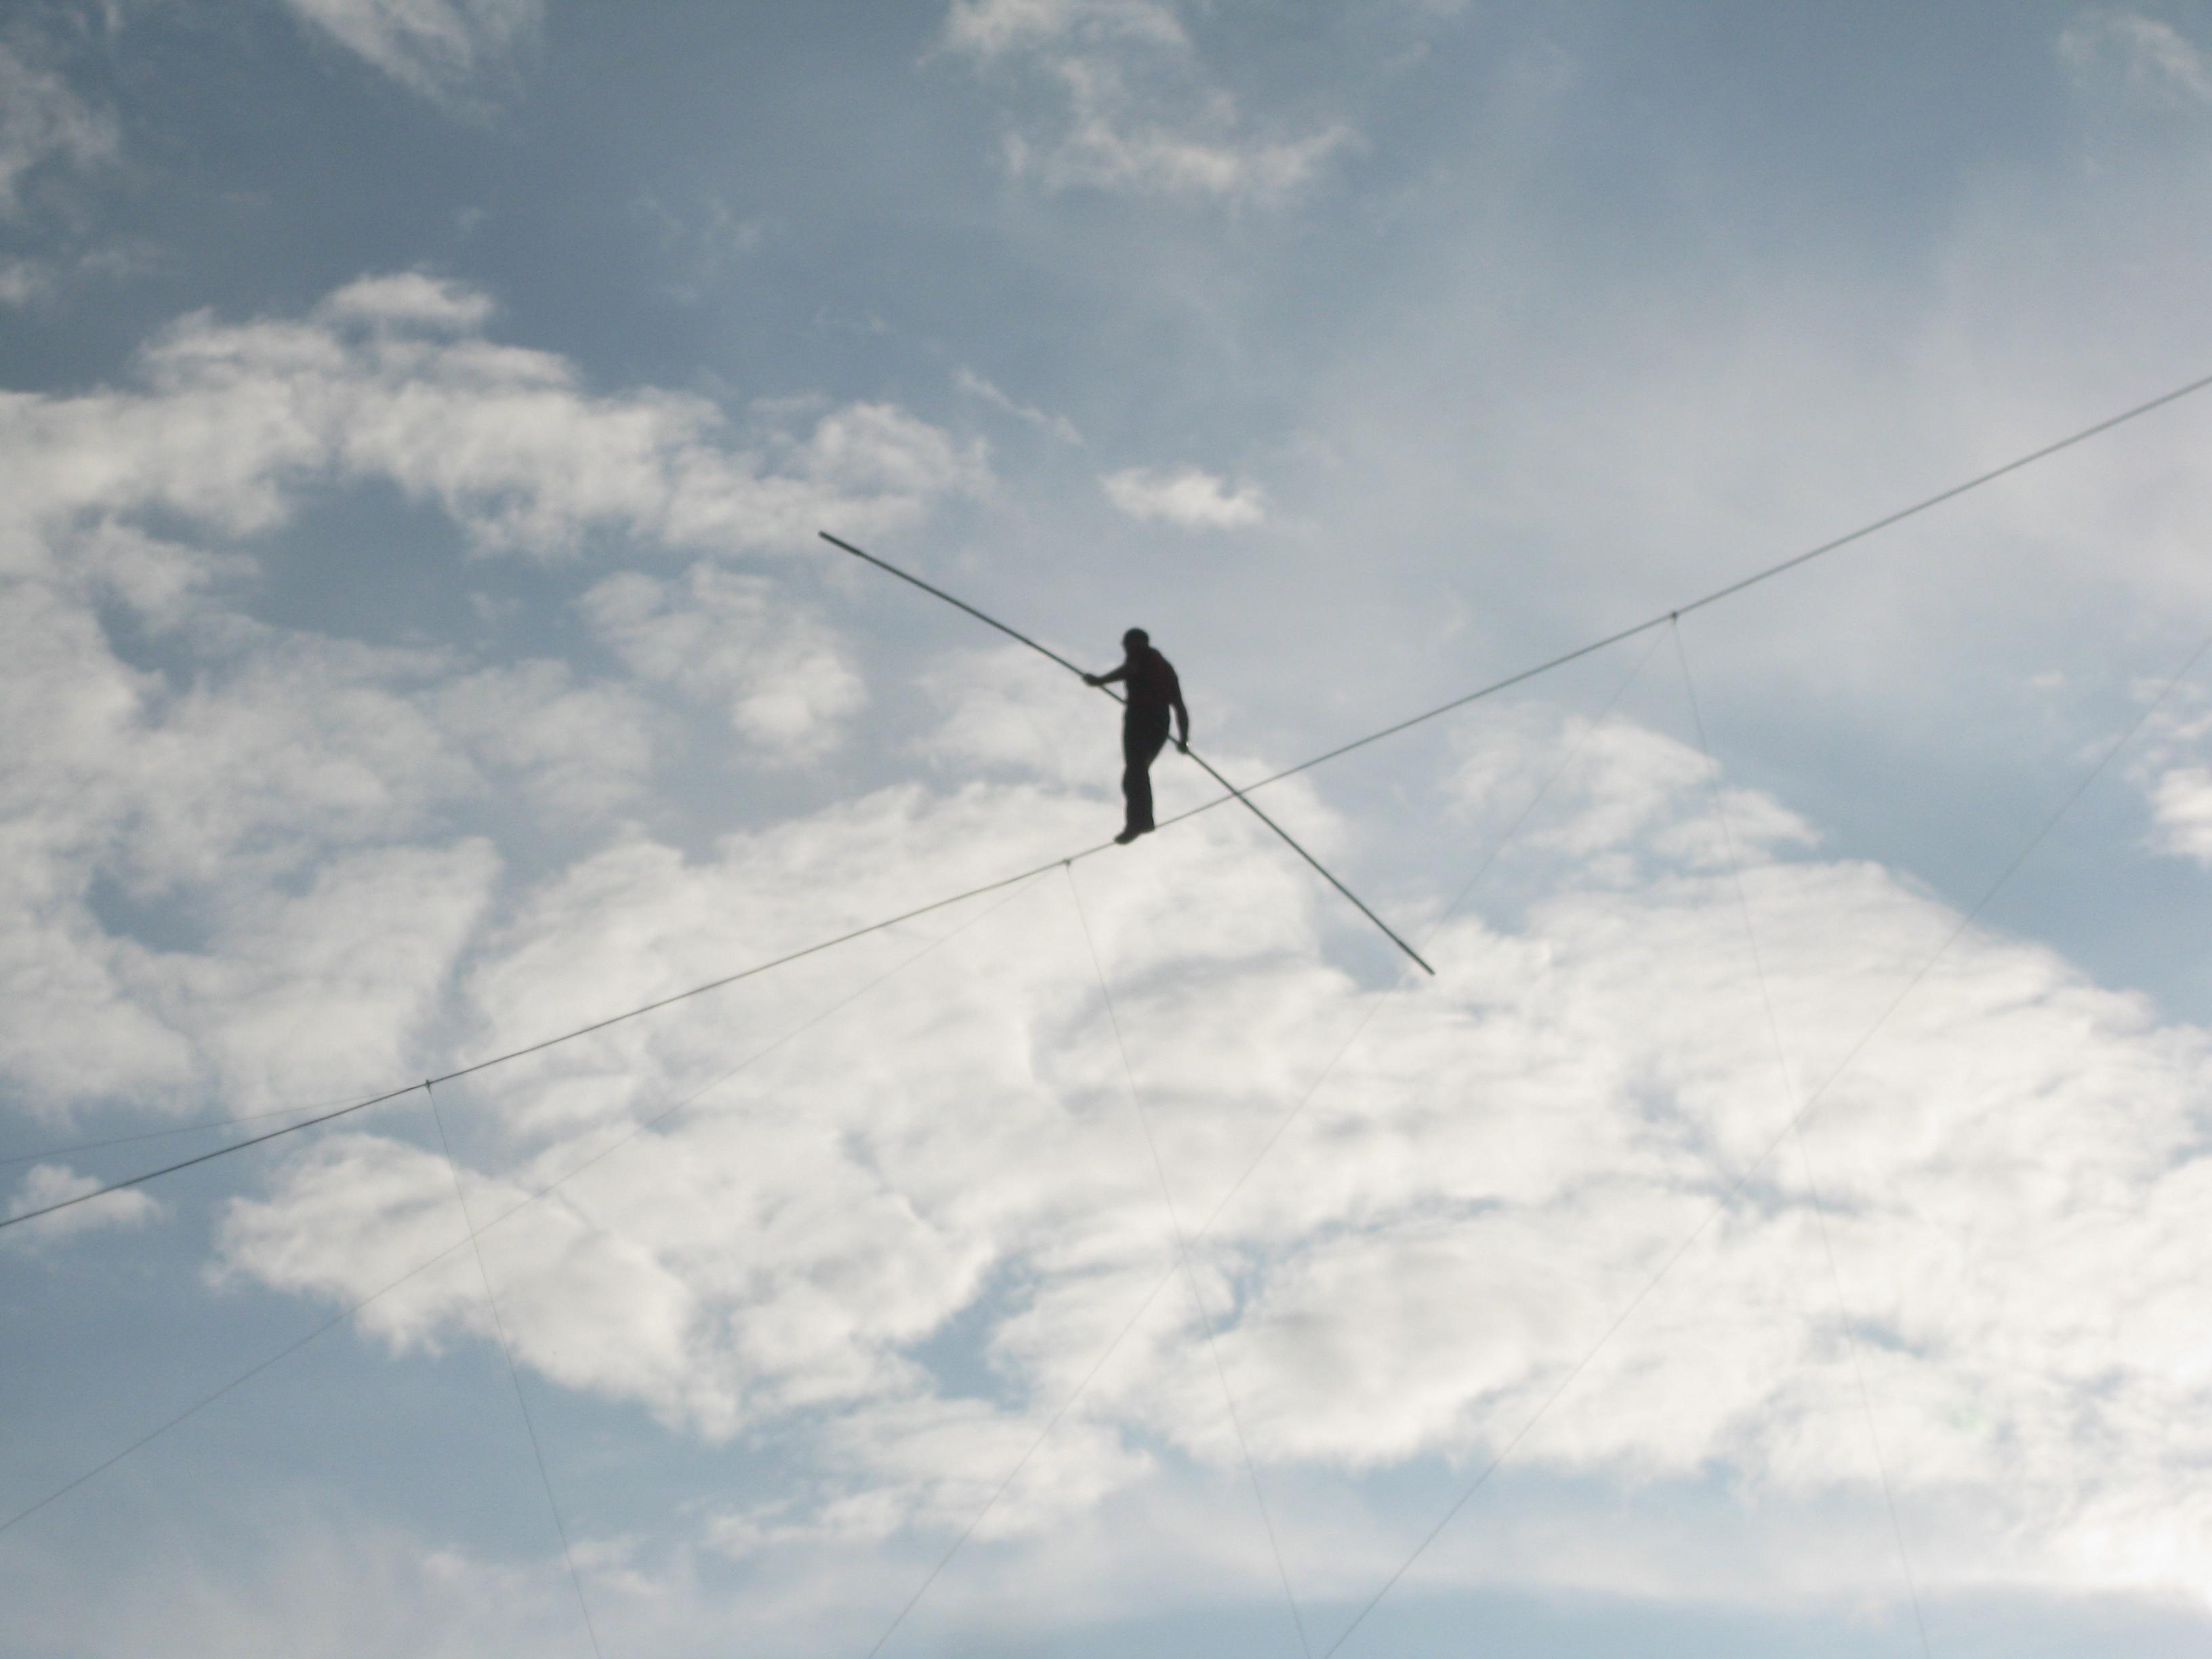 Man balancing over clouds